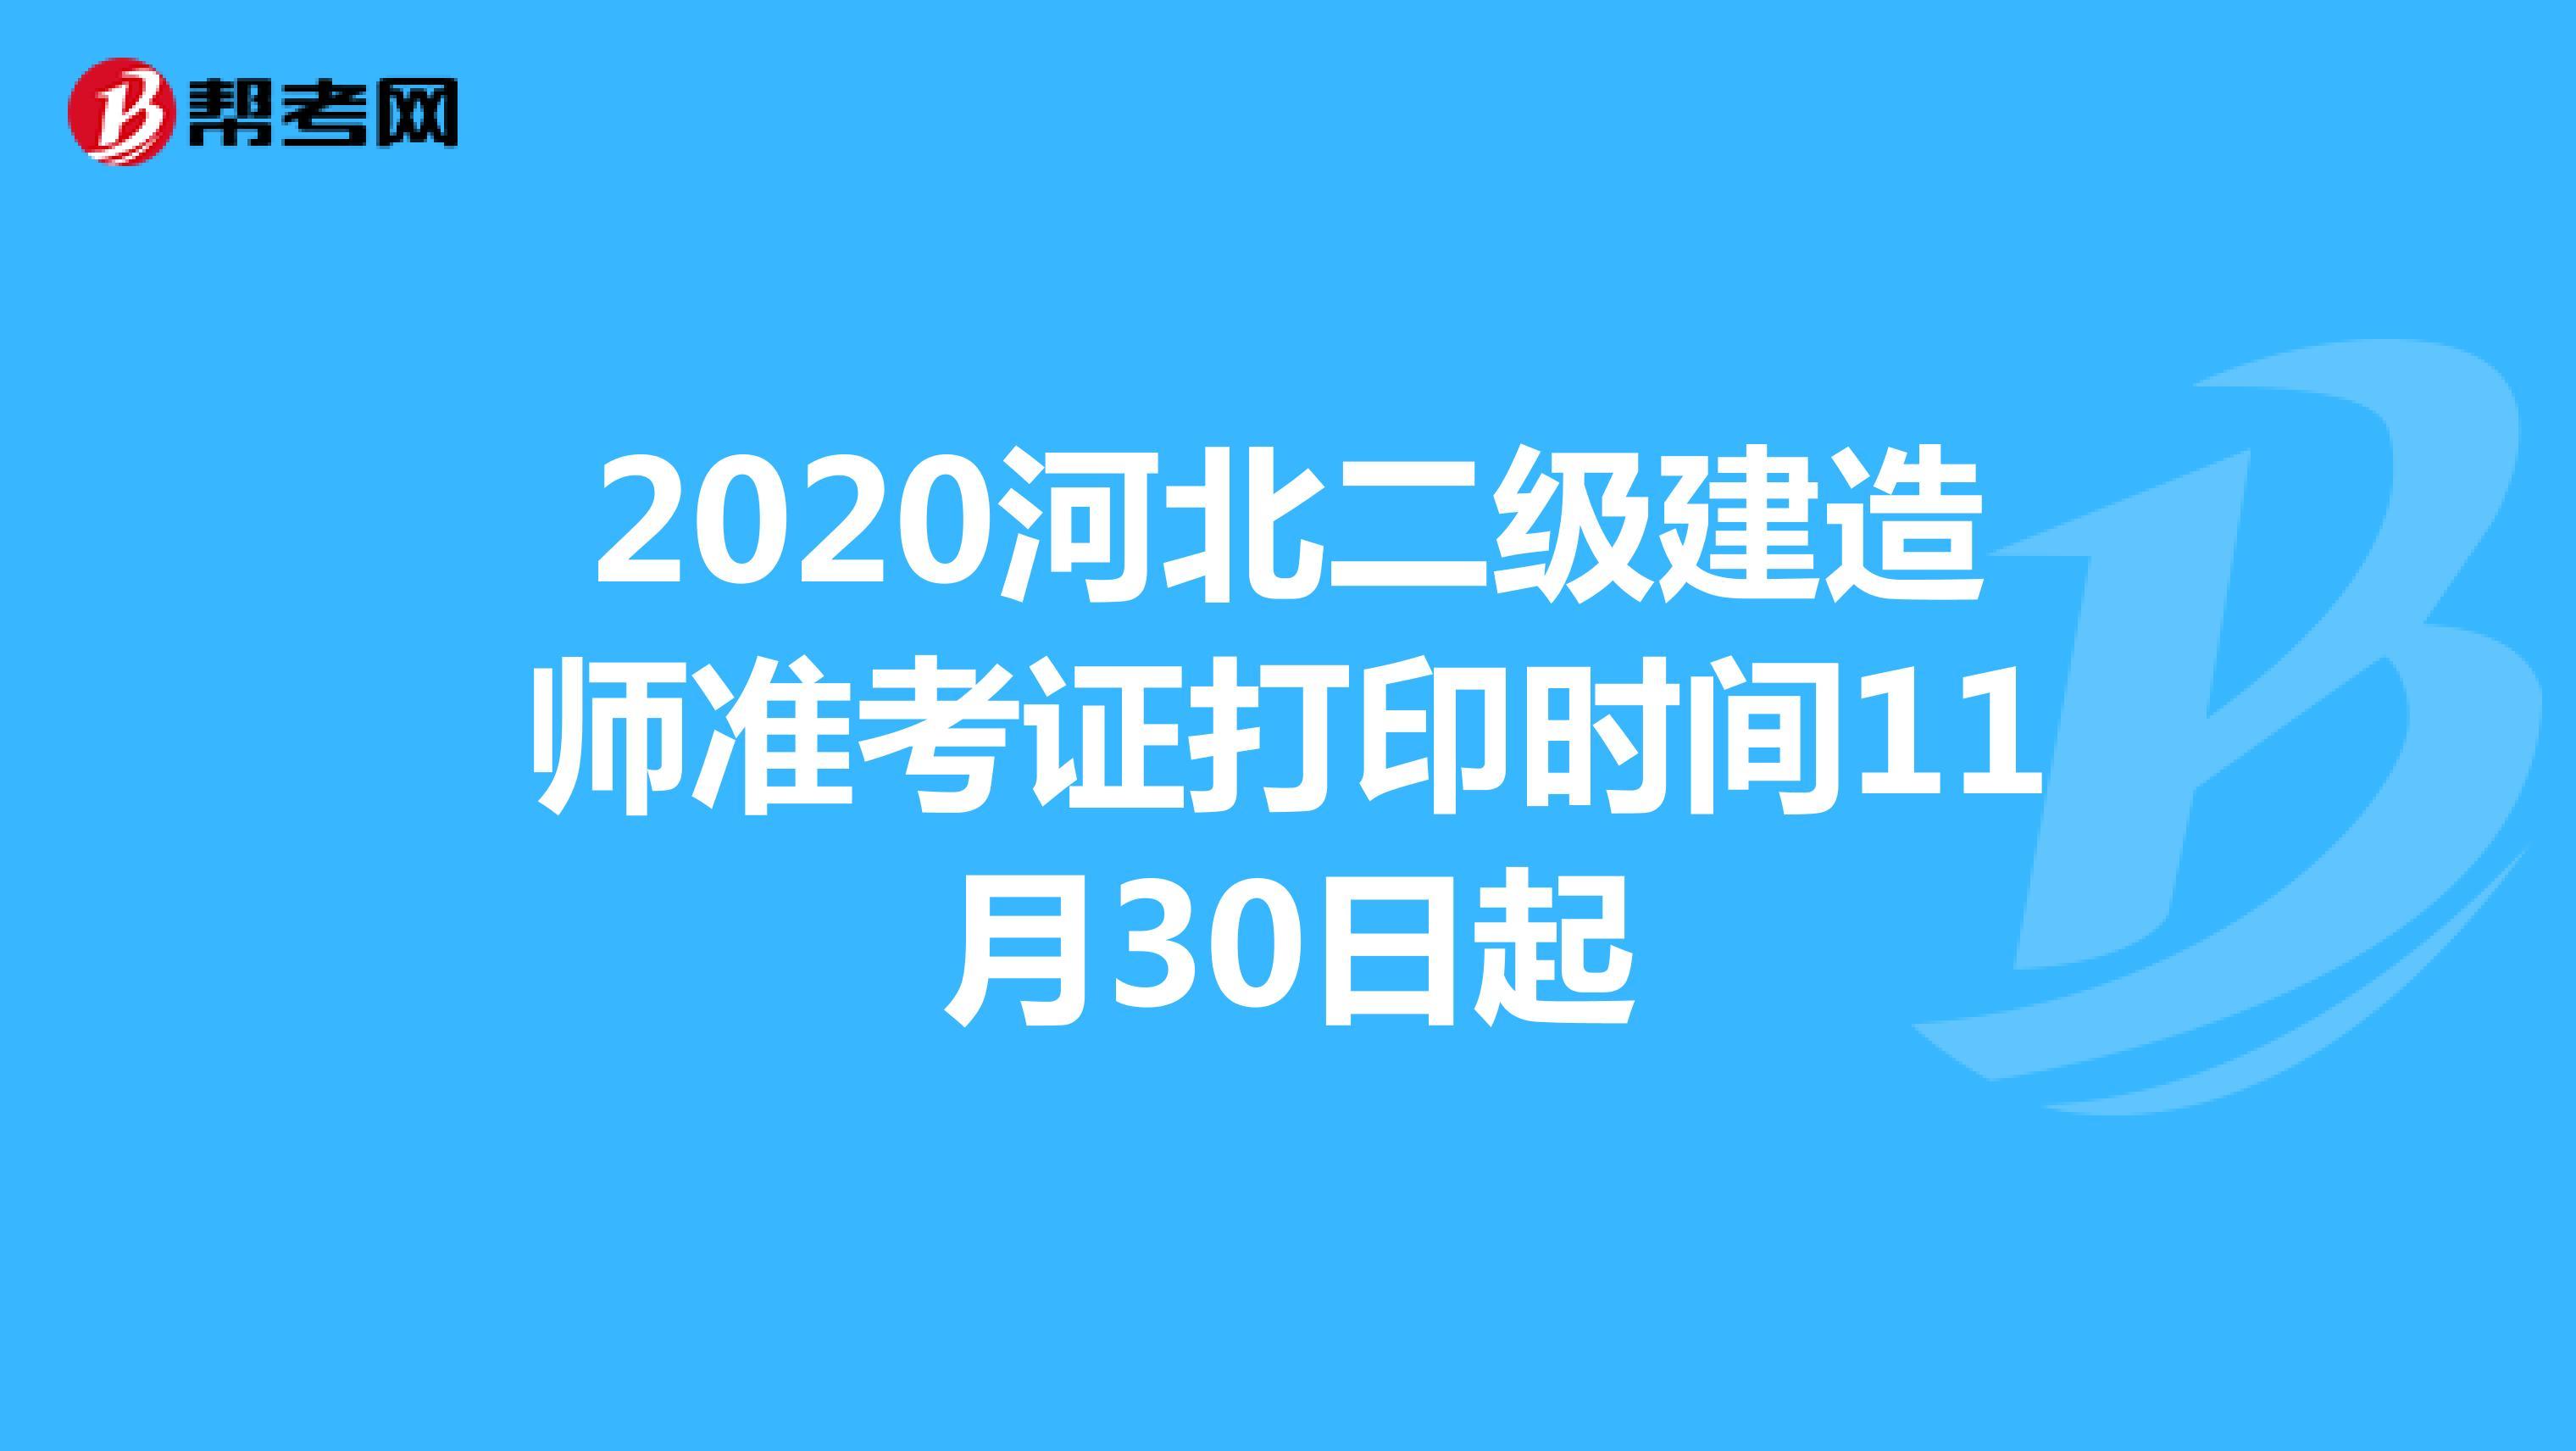 2020河北二�⌒建造���士甲C打印�r�g11月30日起